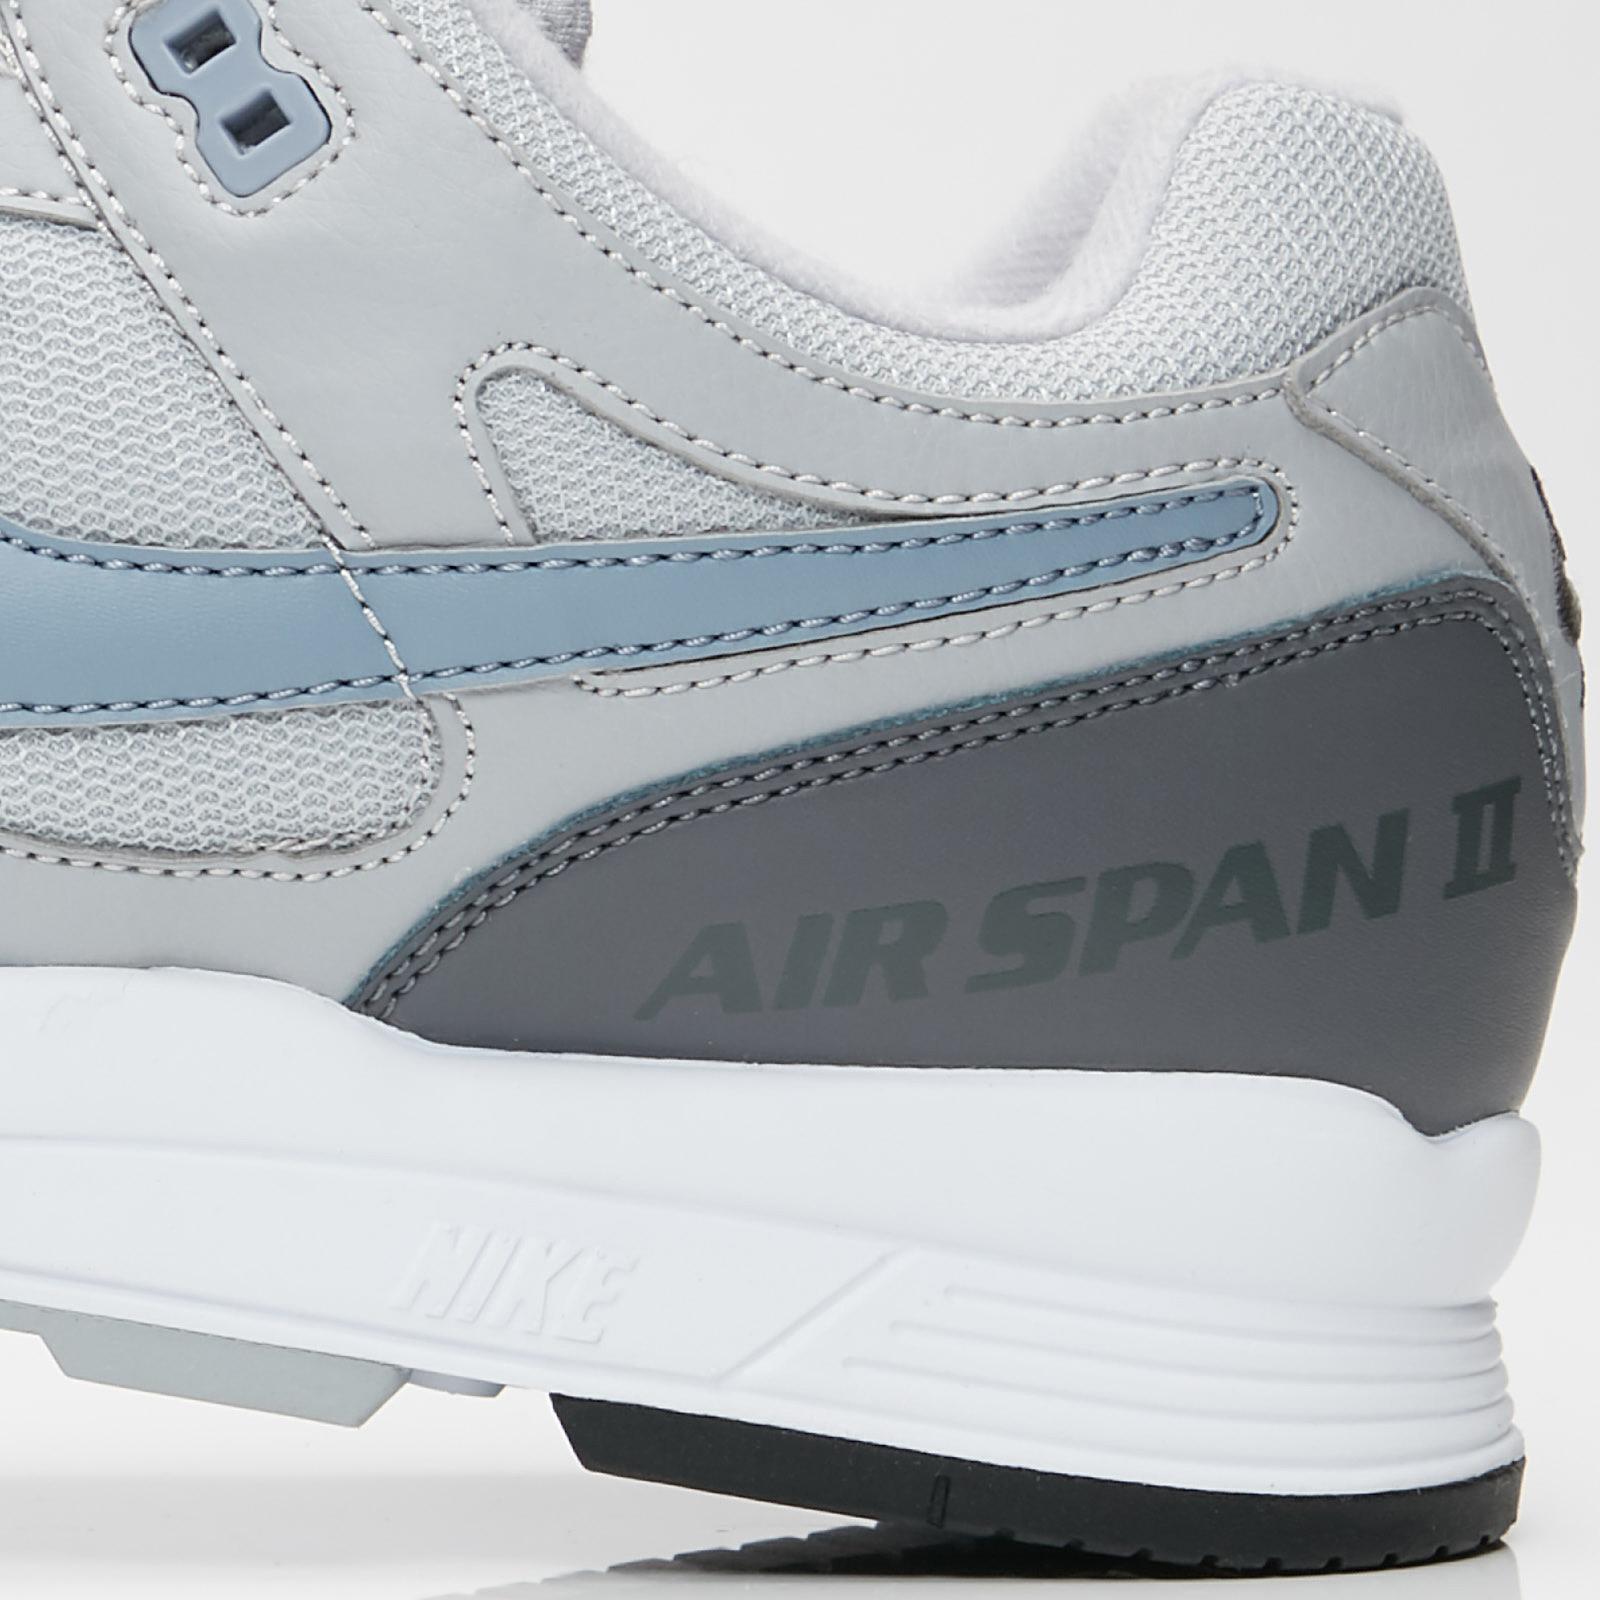 Nike Air Span II - Ah8047-007 - Sneakersnstuff  fed5fdf50